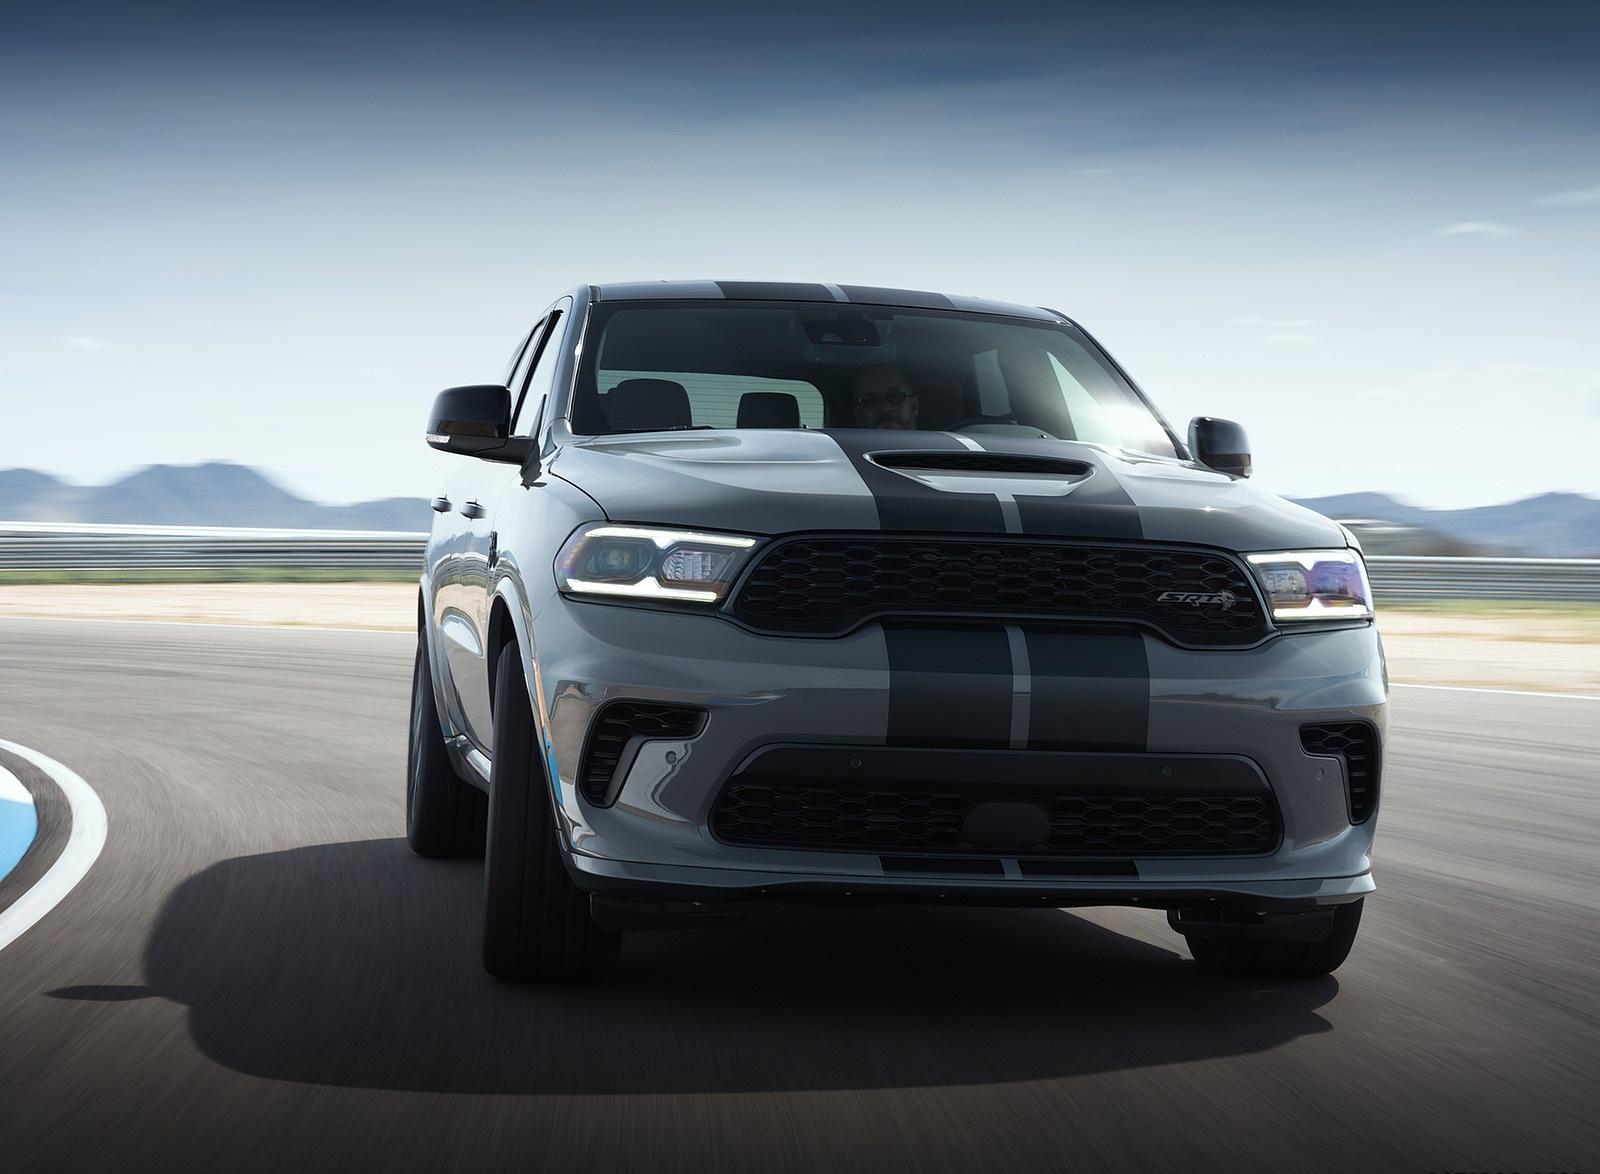 2021 Dodge Durango SRT Hellcat Front Wallpapers (7)